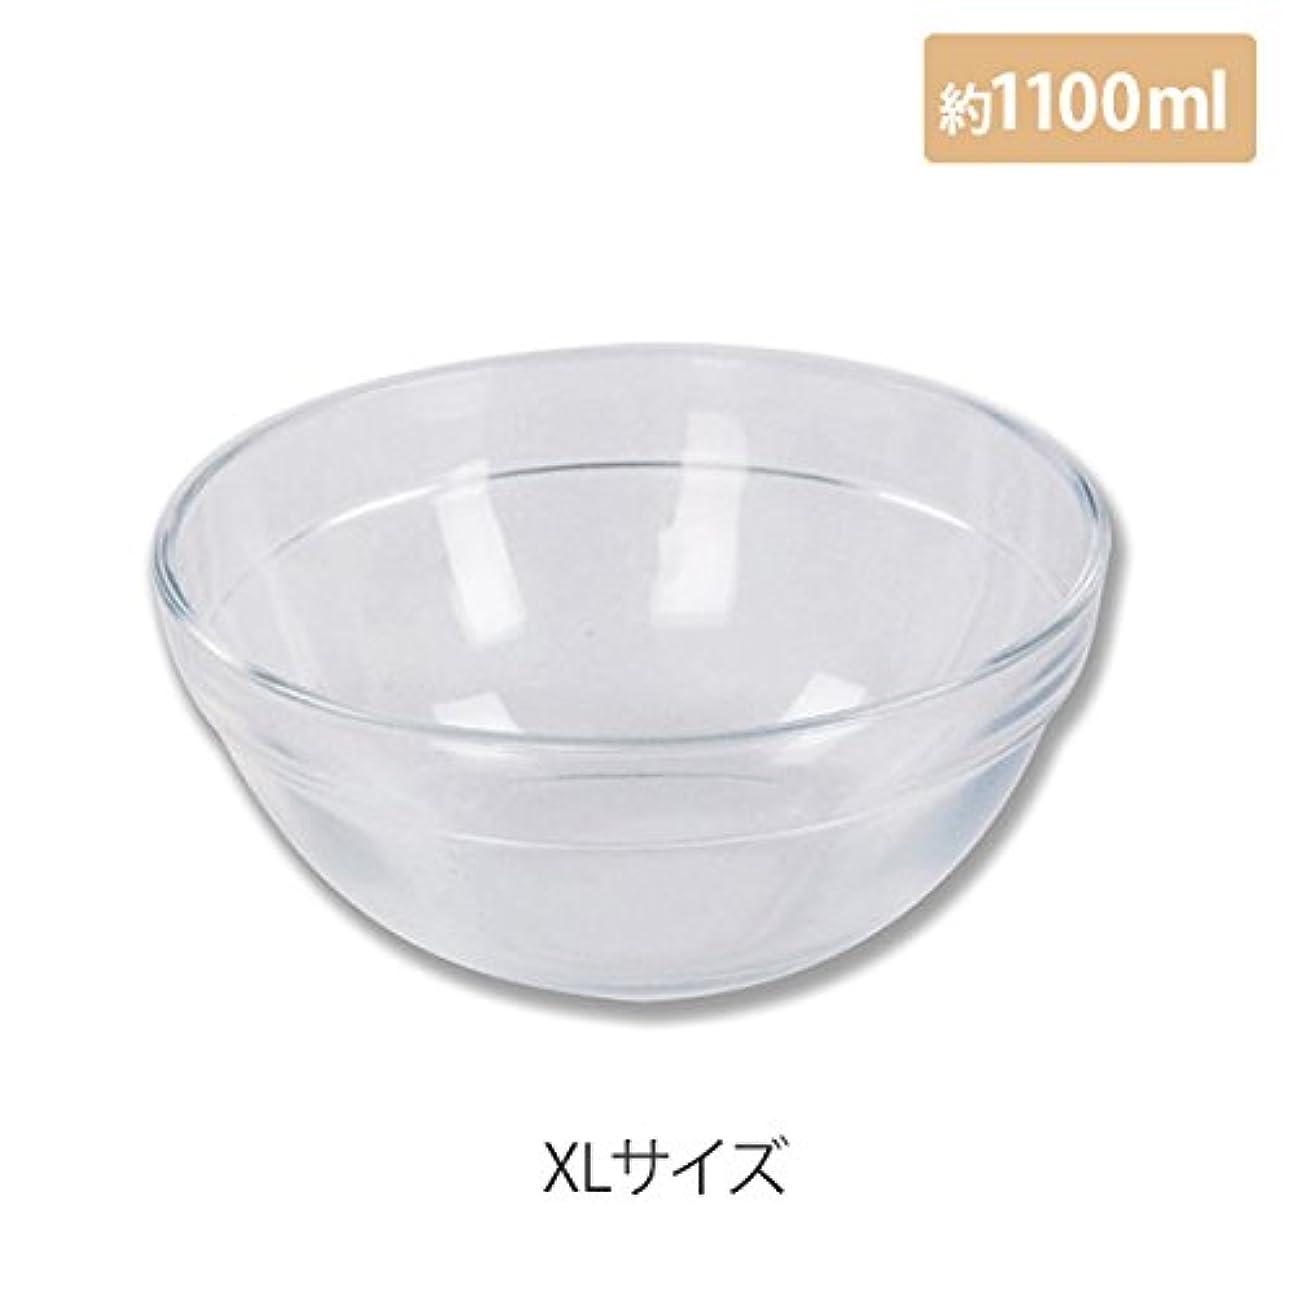 オフセットアンテナ企業マイスター プラスティックボウル (XLサイズ) クリア 直径20cm [ プラスチックボール カップボウル カップボール エステ サロン プラスチック ボウル カップ 割れない ]